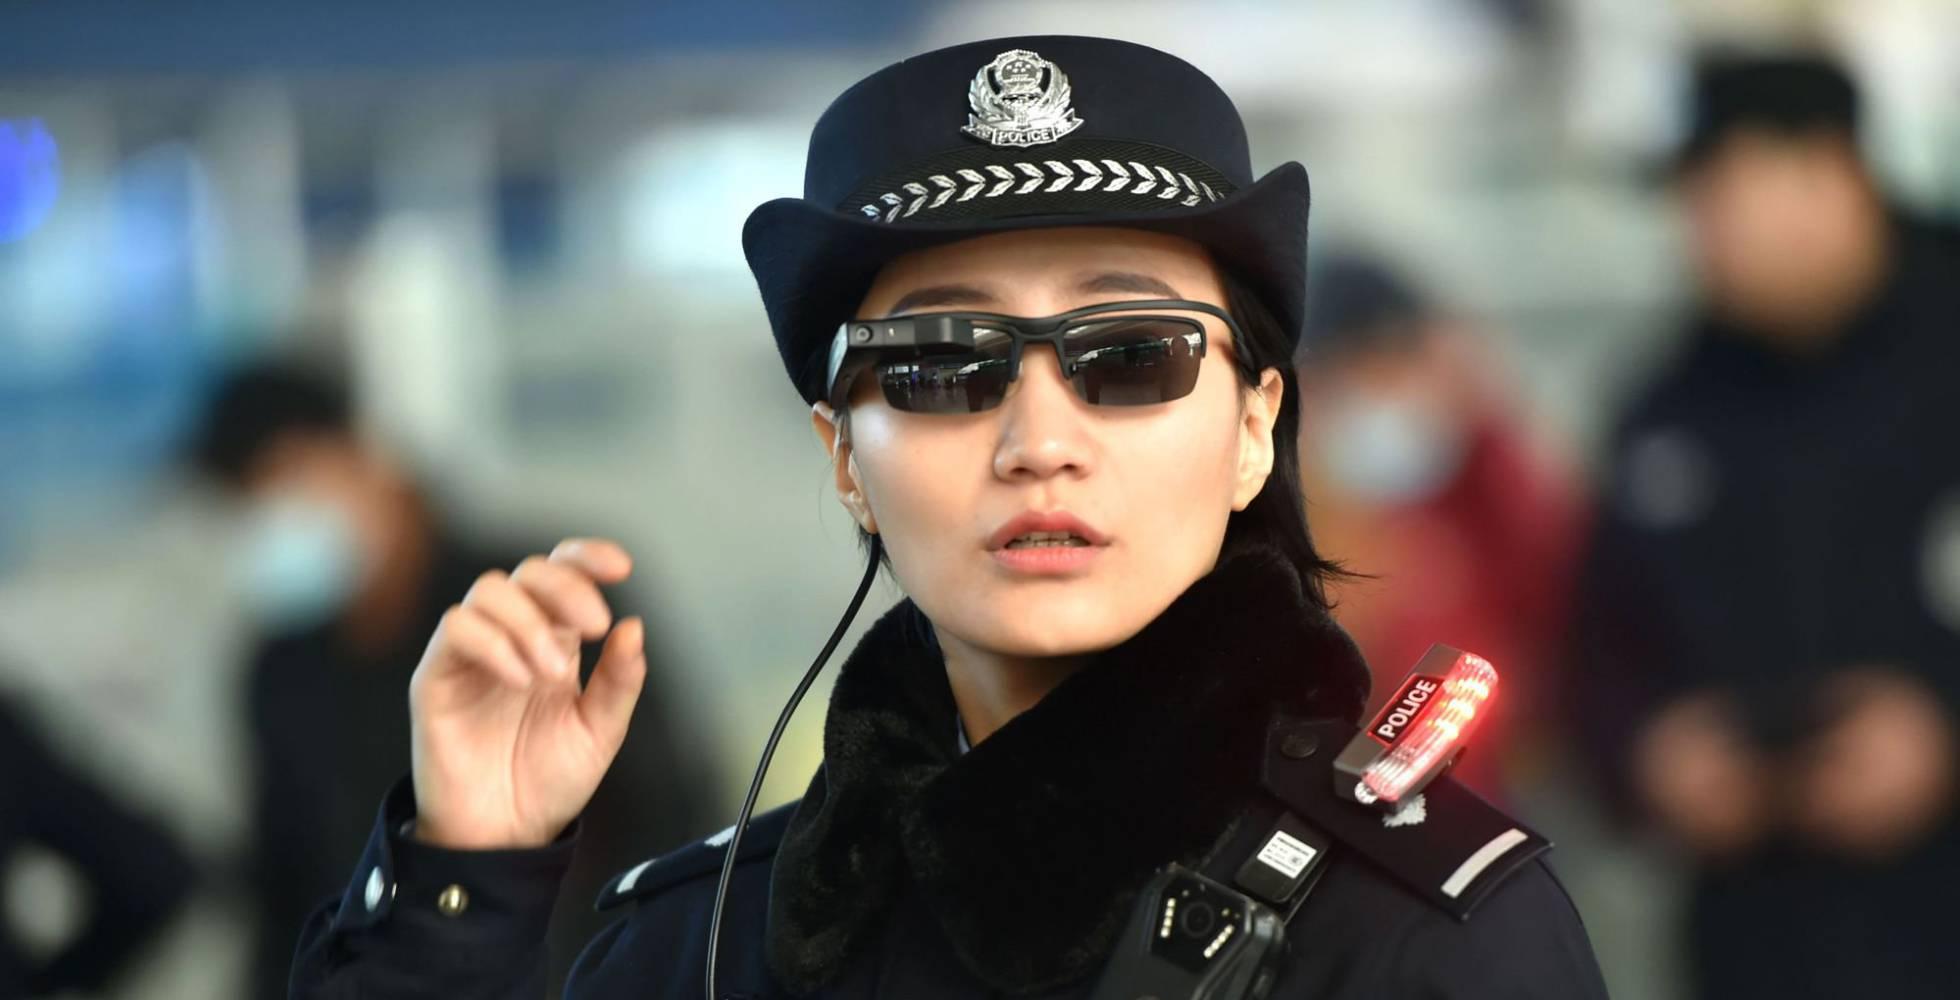 1 agente de policia